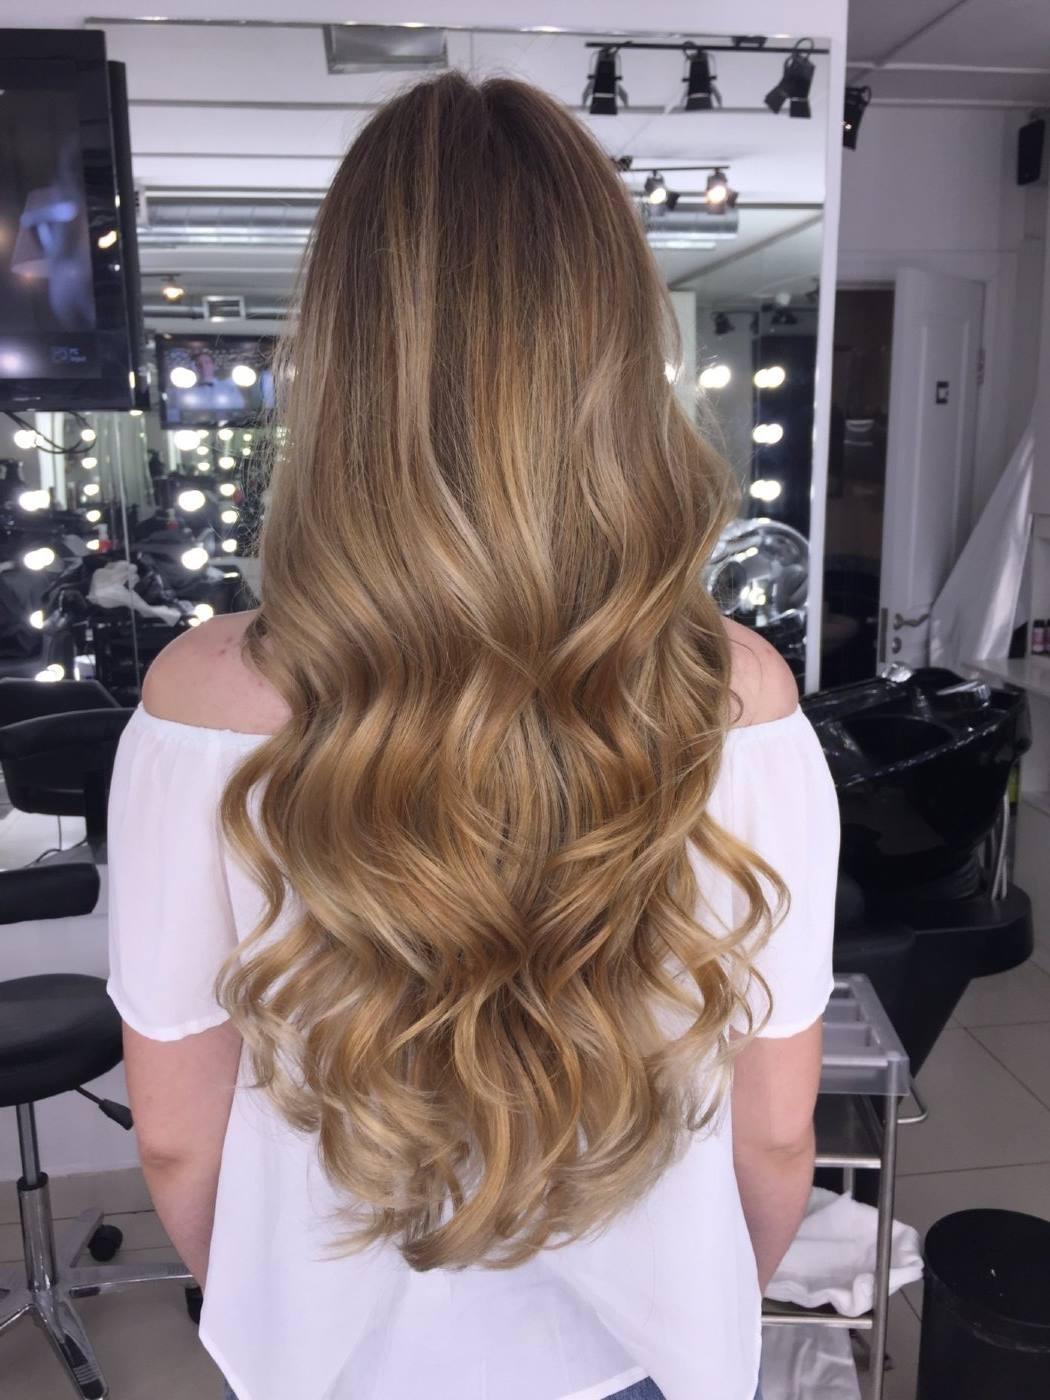 Мелирование на русые волосы: модные тренды 2019 и популярные техники окрашивания